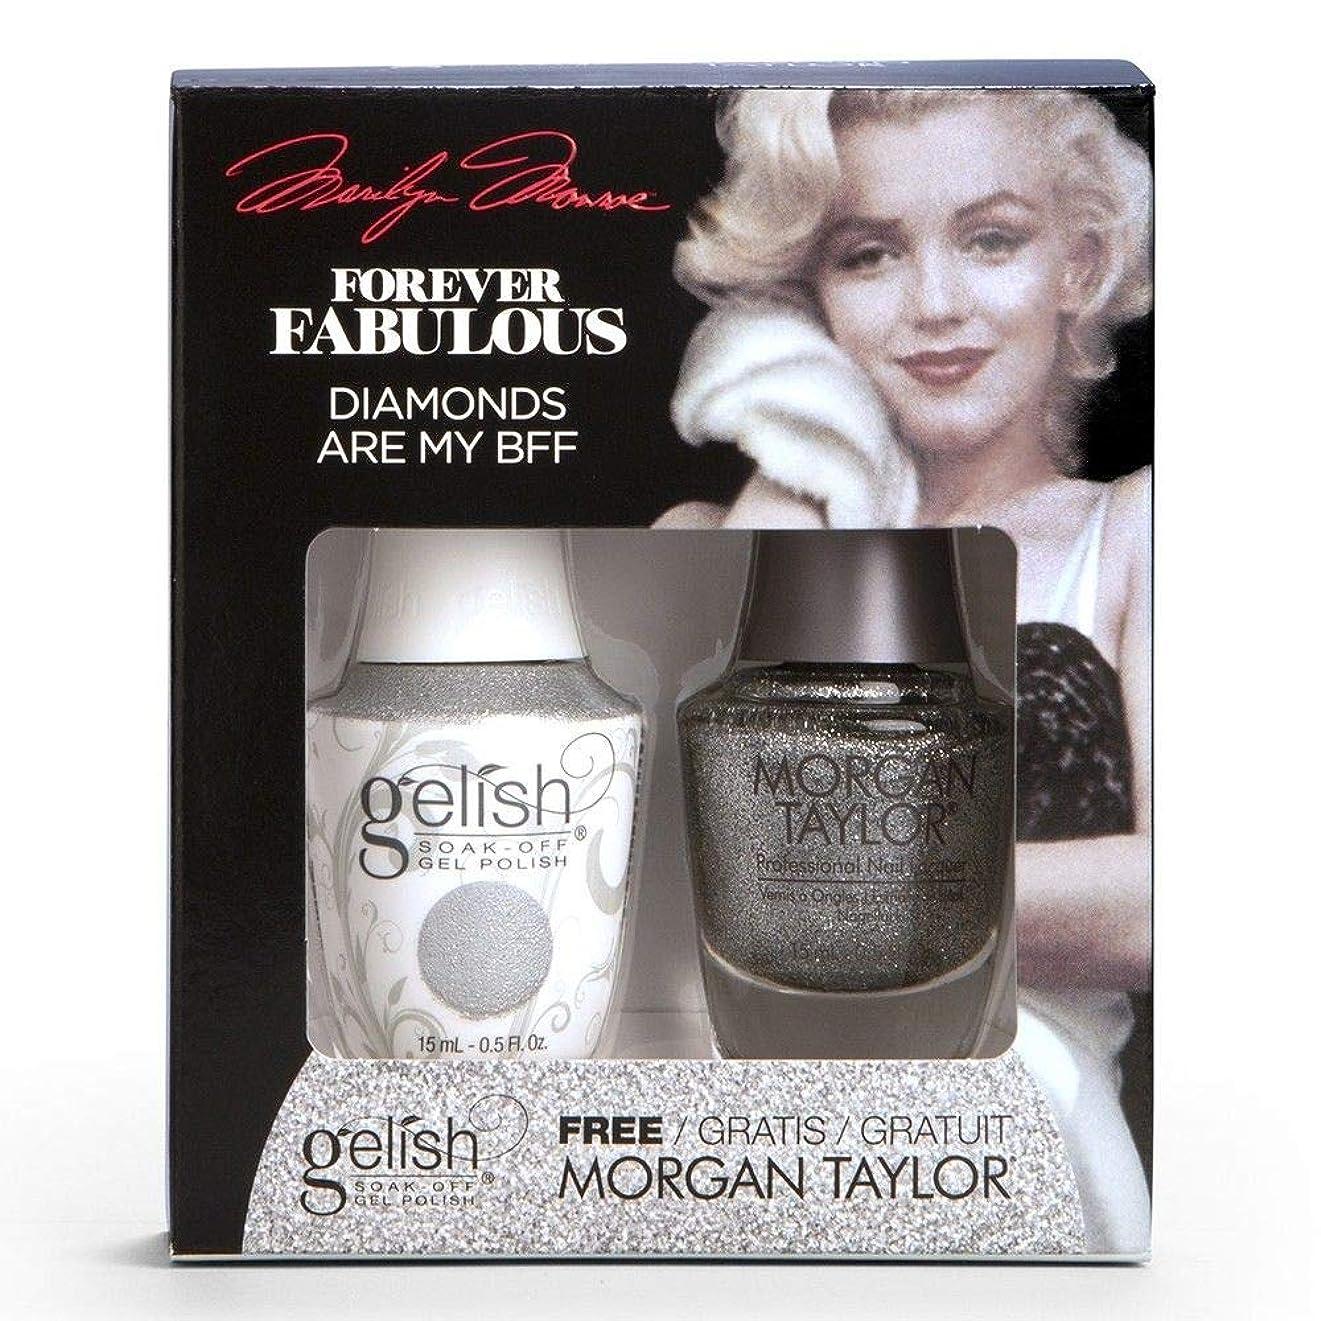 場所発明する偽善Harmony Gelish & Morgan Taylor - Two Of A Kind - Forever Fabulous Marilyn Monroe - Diamonds Are My BFF - 15 mL / 0.5 Oz